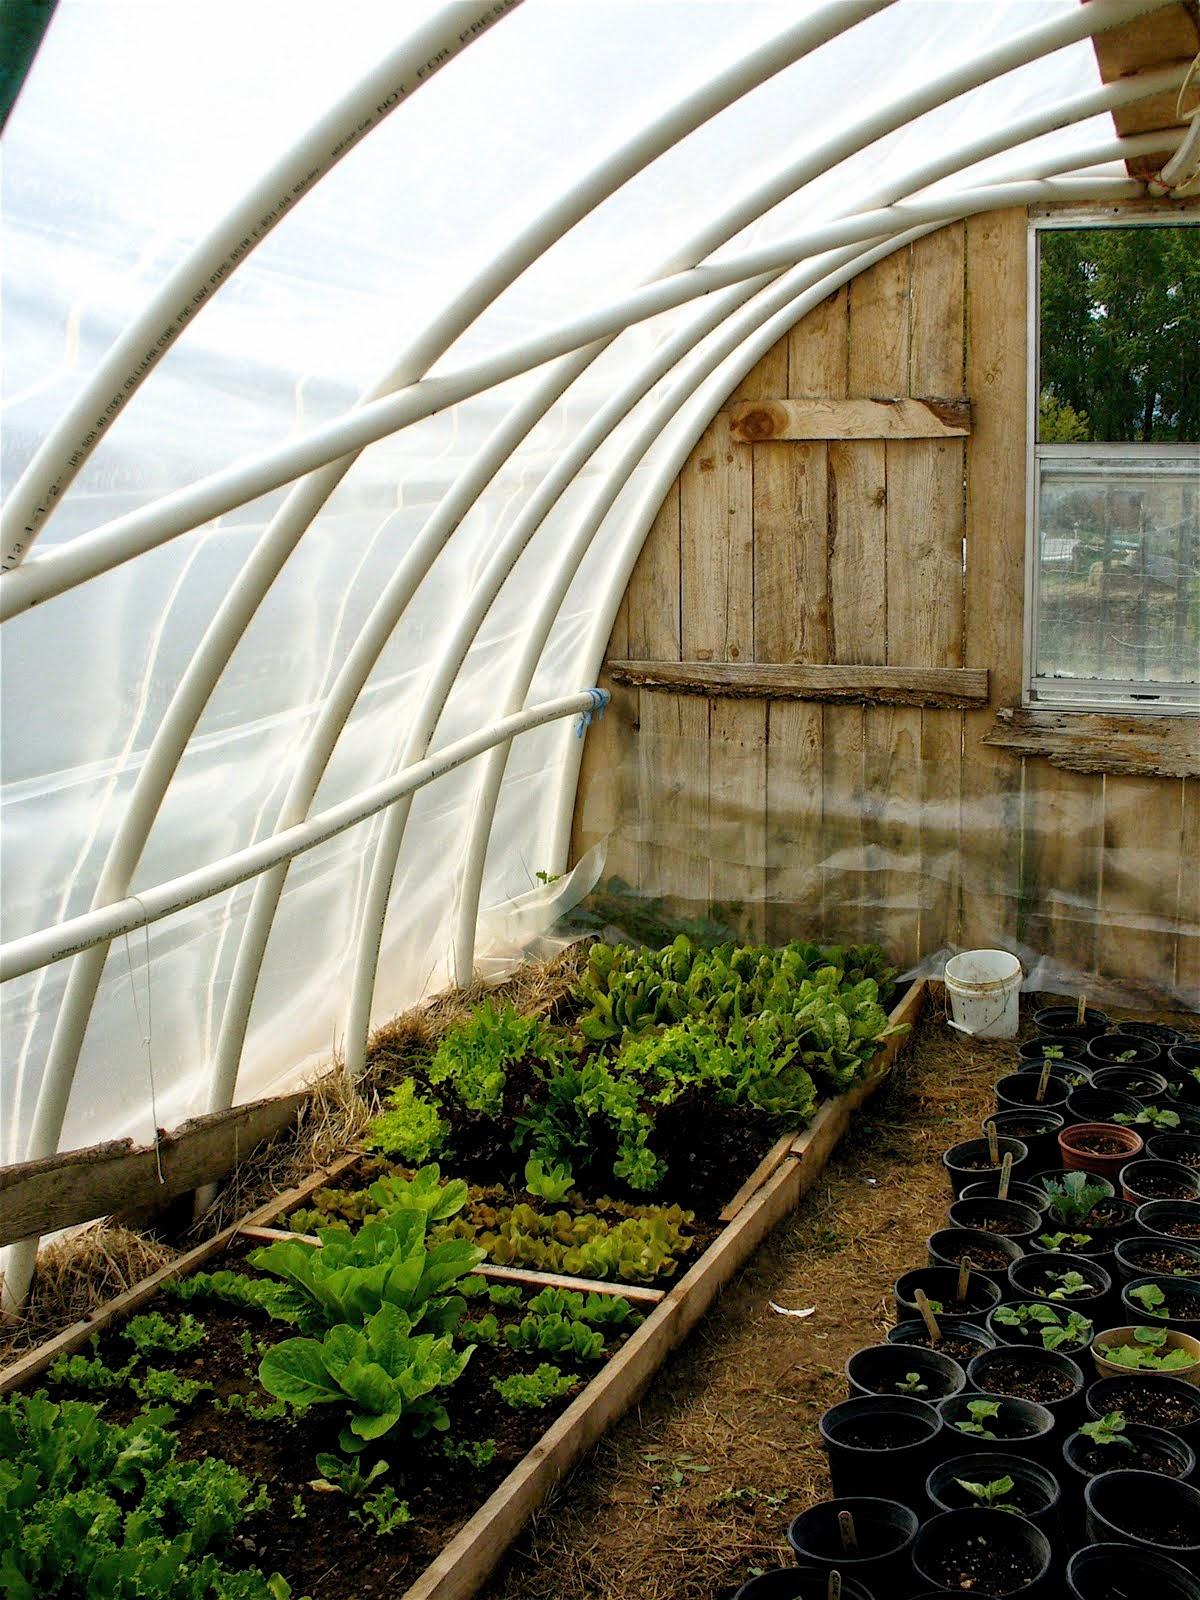 Diy hoop greenhouse instant knowledge for Diy hoop greenhouse